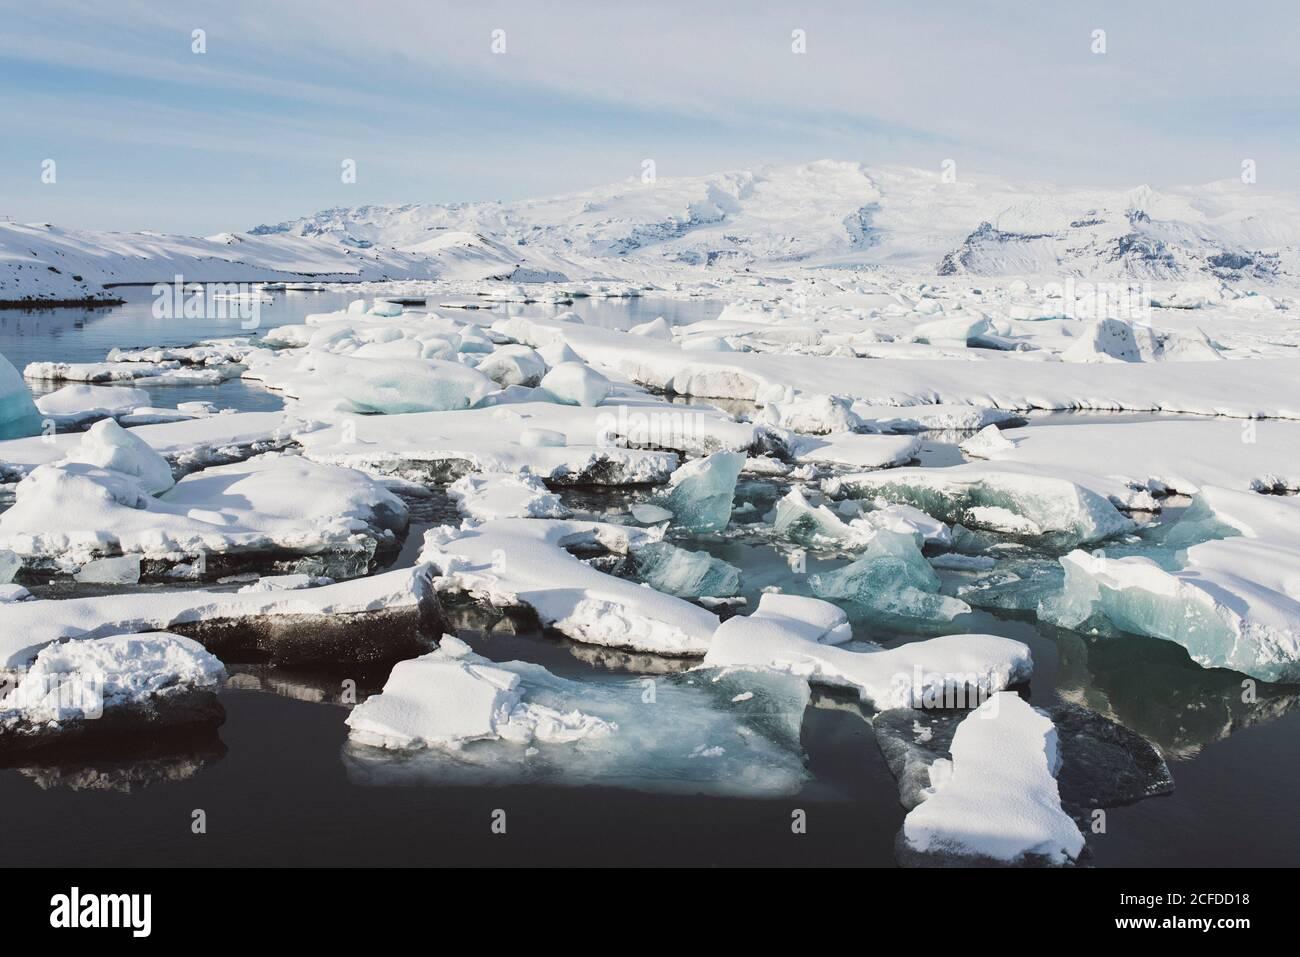 Des flotteurs de glace flottent sur Jokulsarlon, en Islande, en hiver Banque D'Images